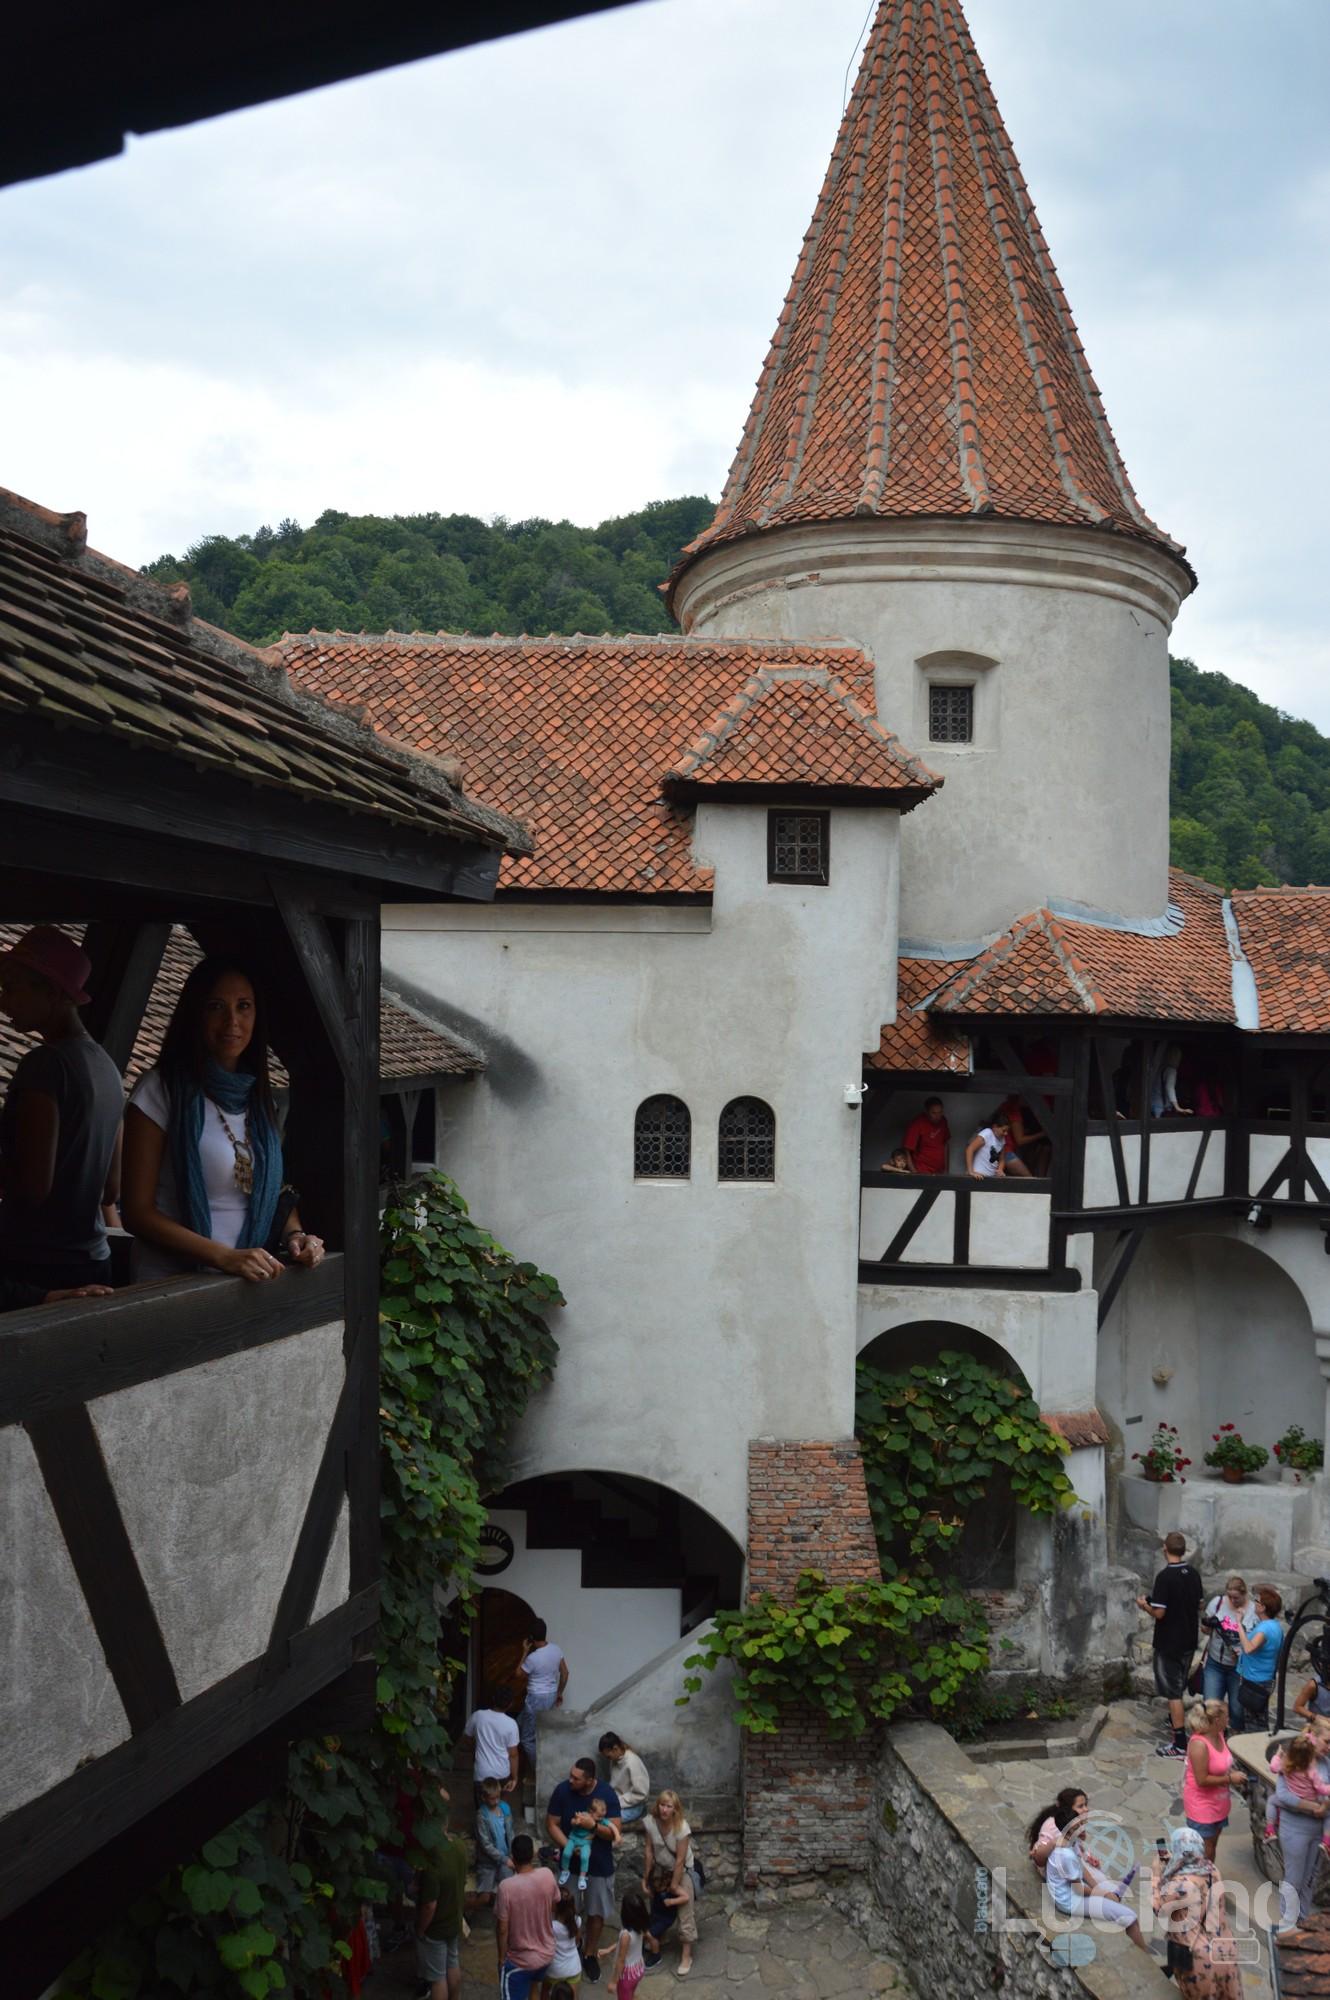 castello-di-dracula-castello-di-bran-luciano-blancato (107)